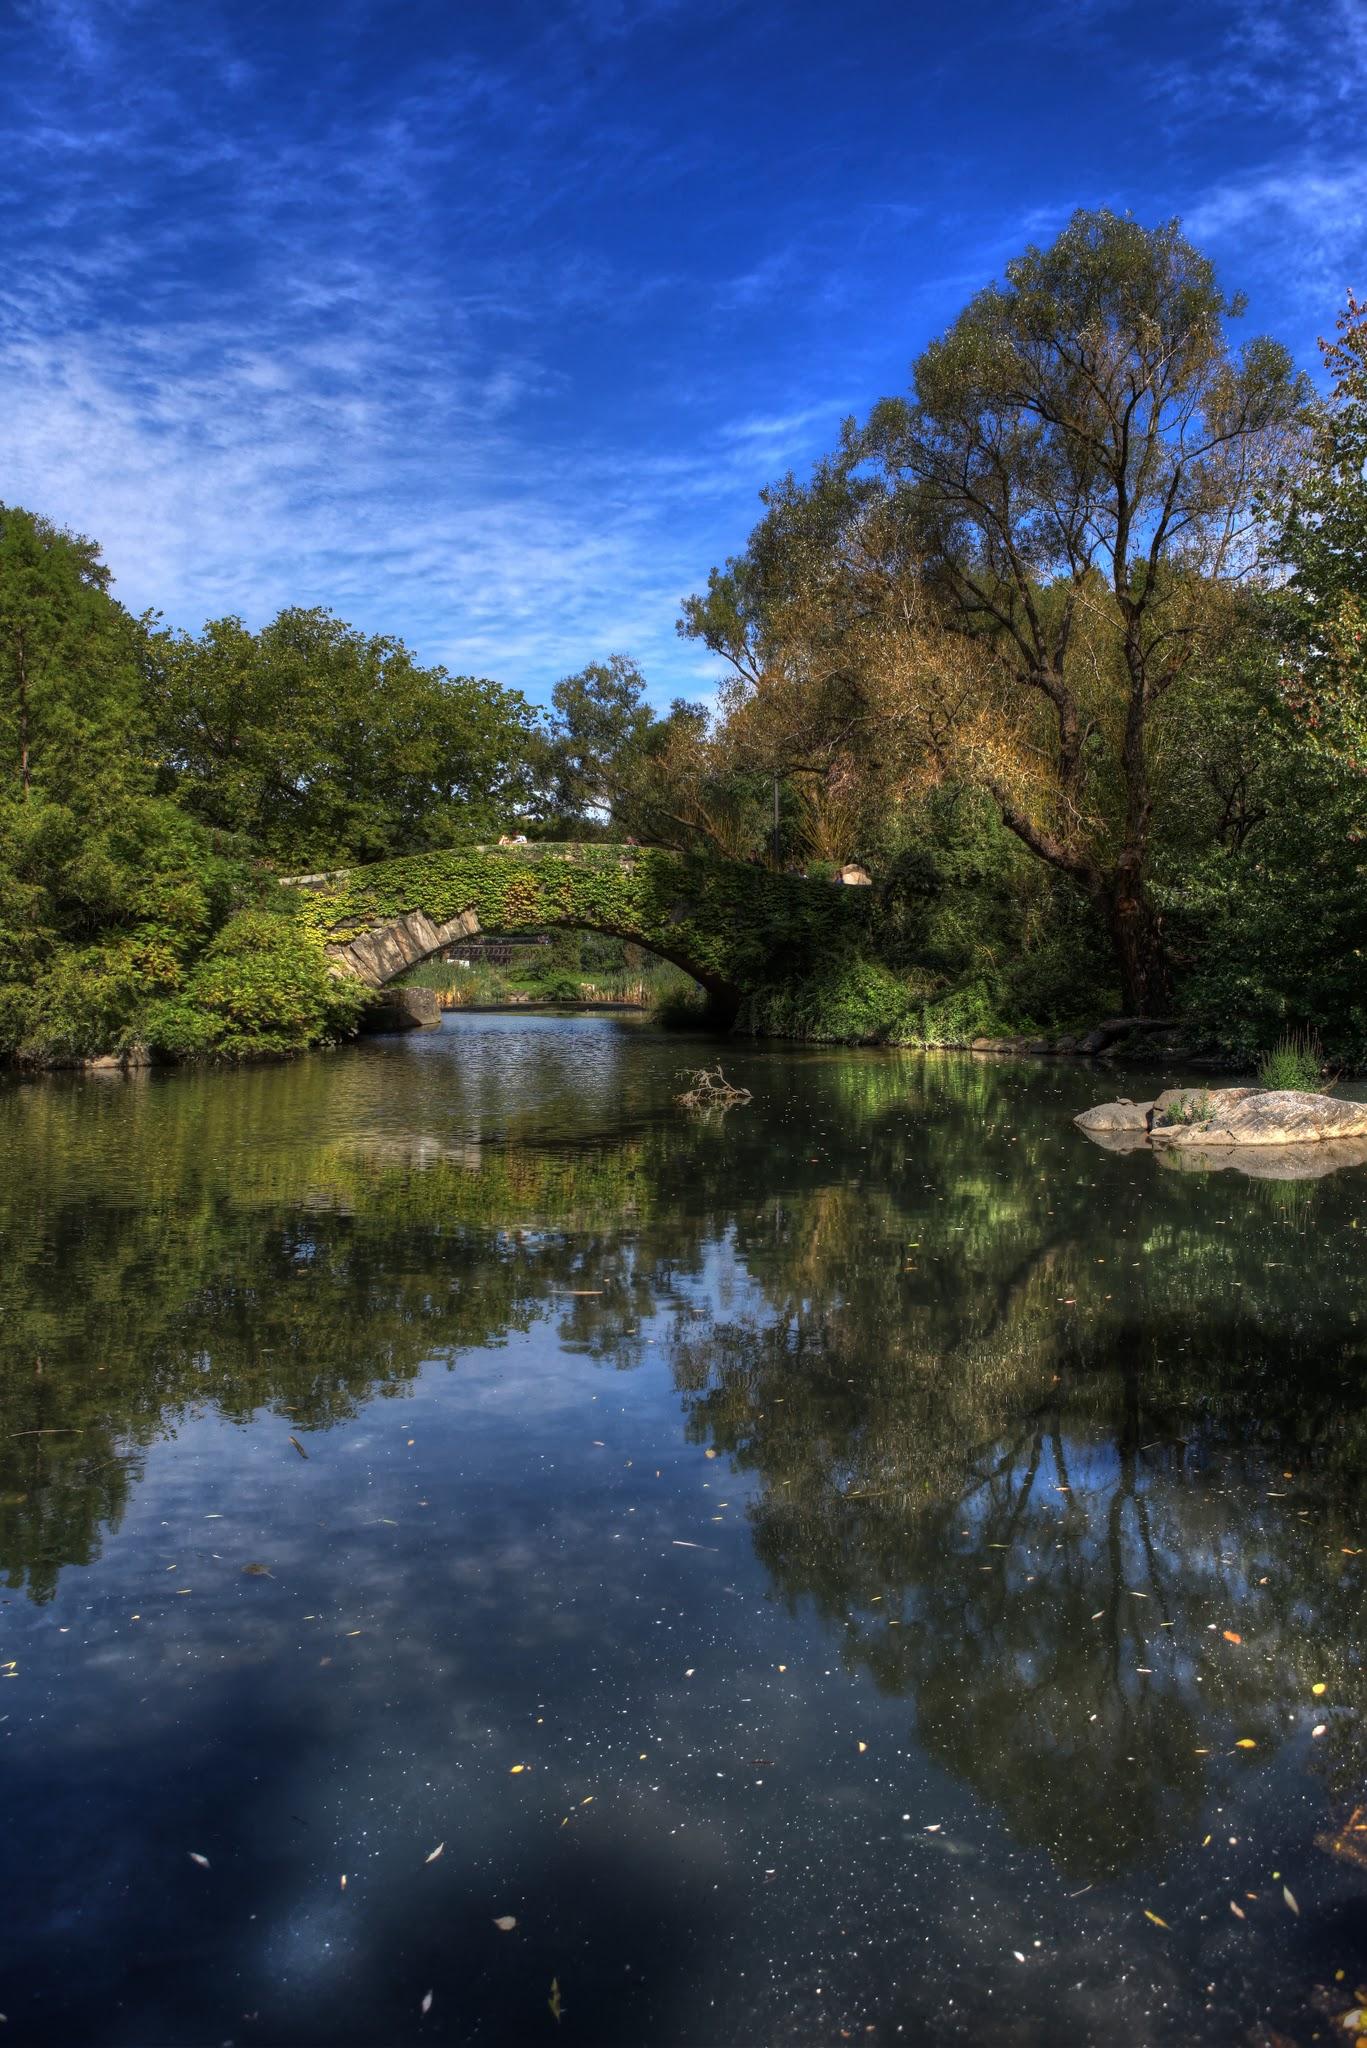 Photo: Gapstow Bridge in Central Park